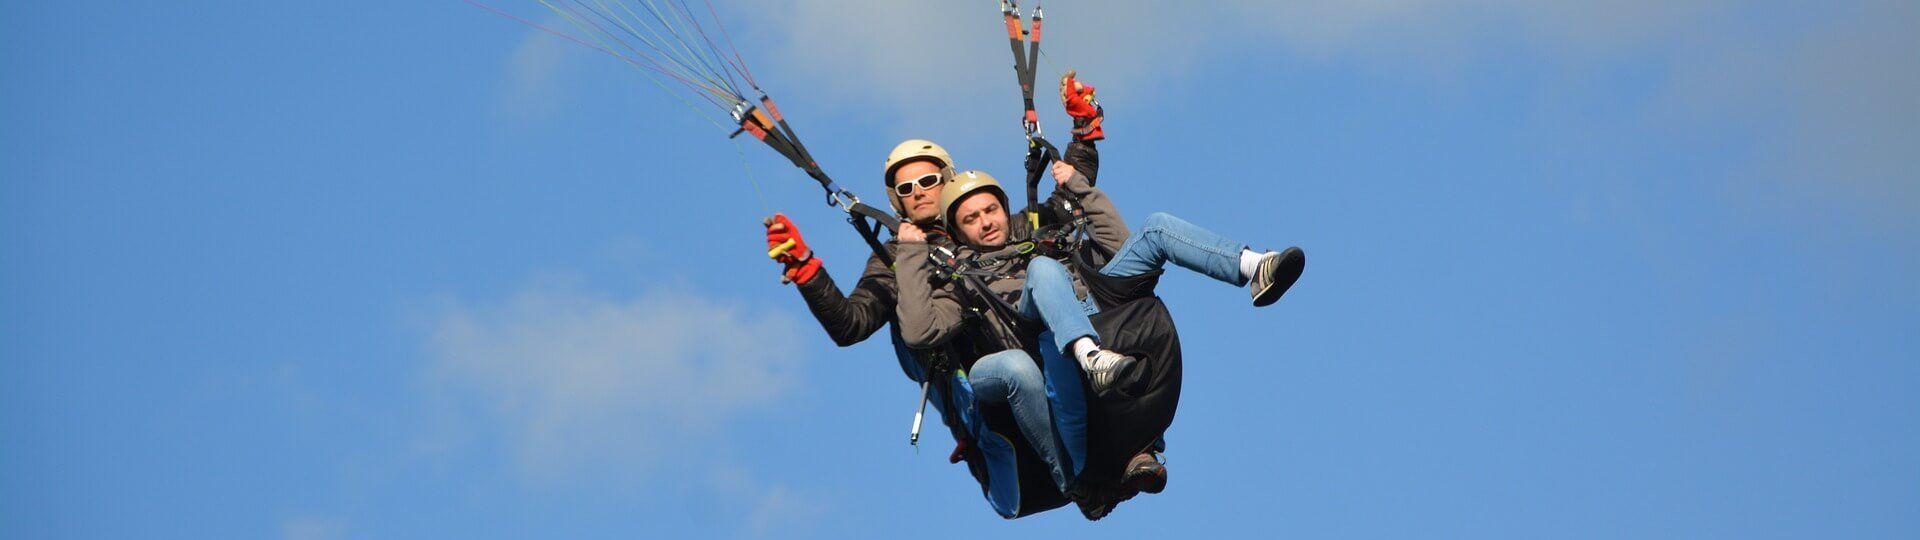 Paragleiten - Gleitschirmfliegen - Paragliding in Osttirol